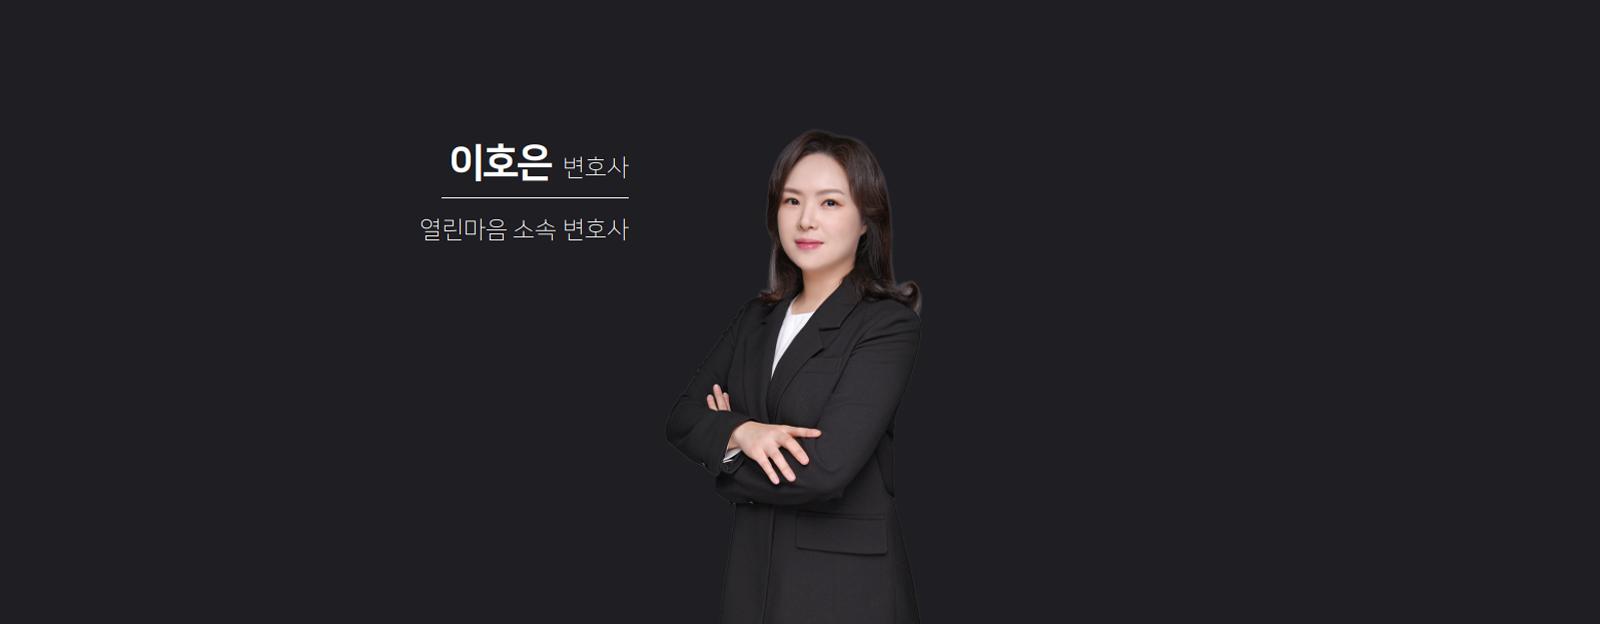 대전개인회생전문 변호사